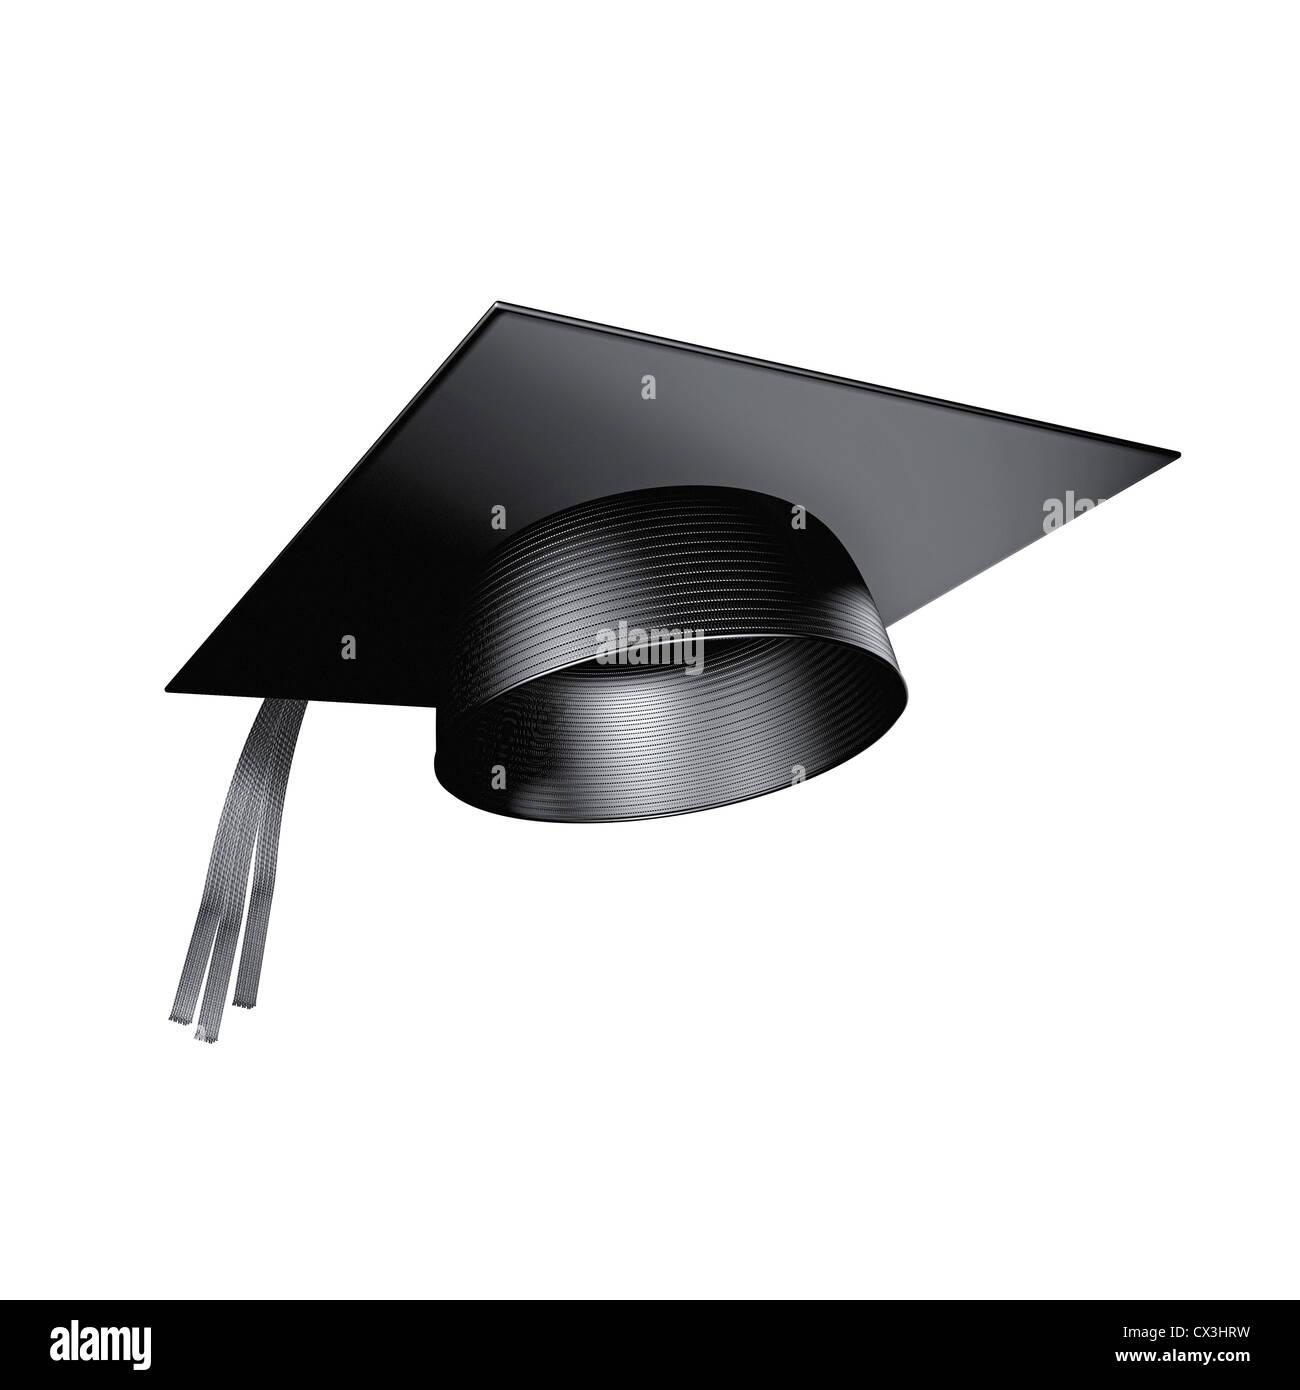 fliegender Doktorhut oder Graduierten Kappe auf weissem Hintergrund - flying mortarboard or doctor hat in a blue - Stock Image